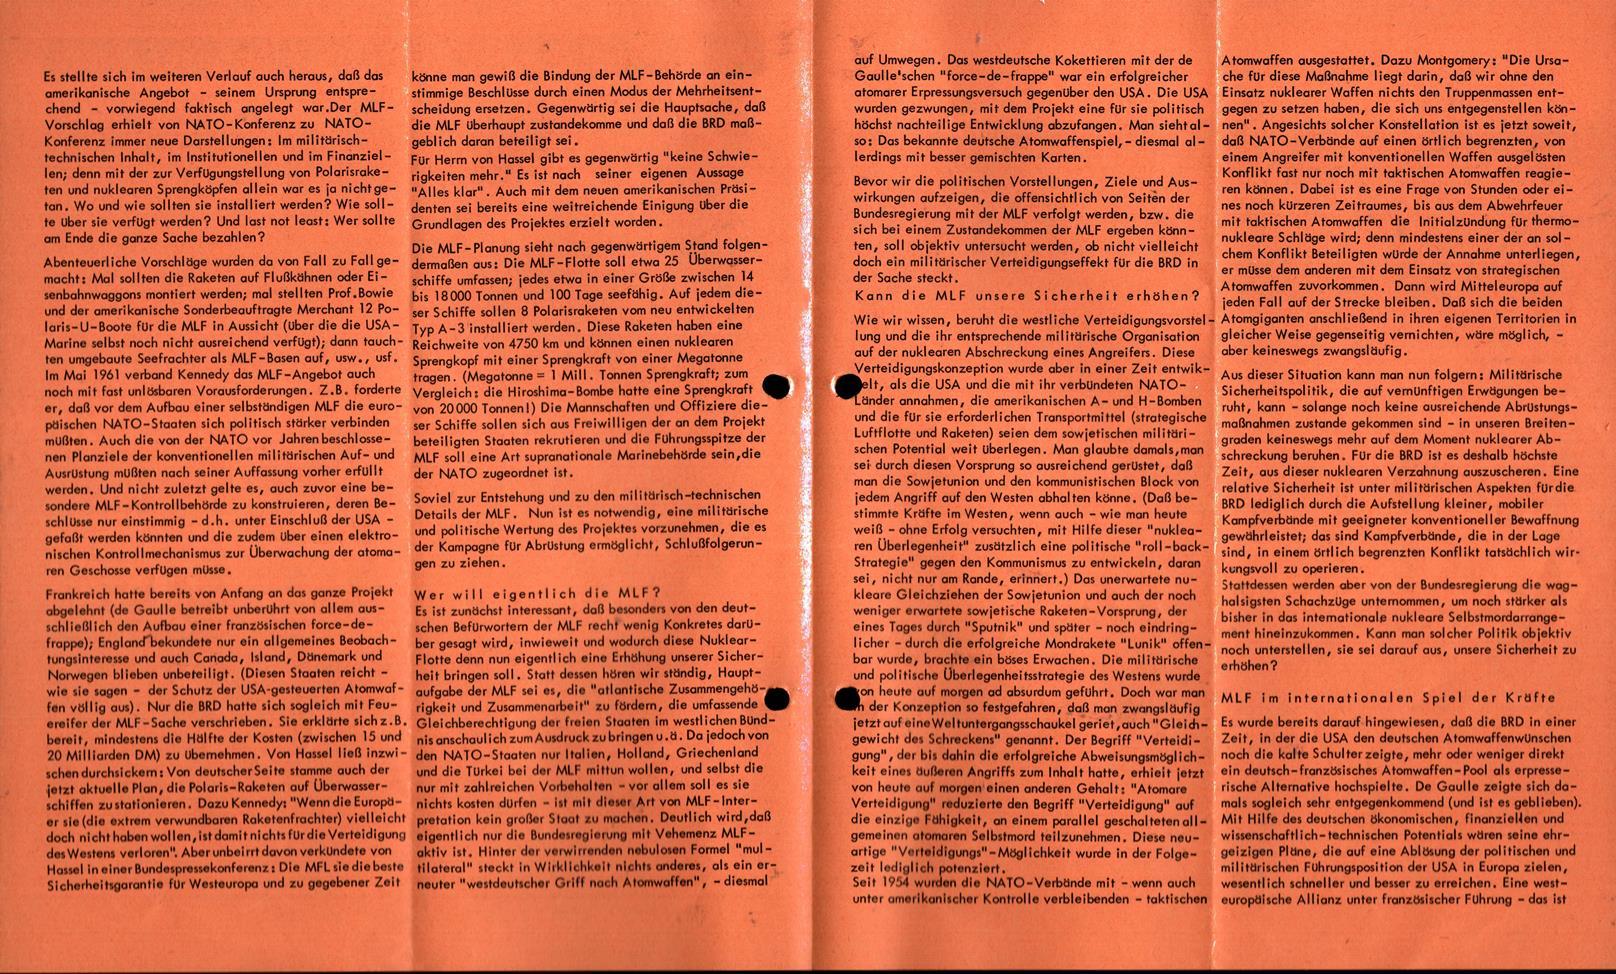 Infos_zur_Abruestung_1964_006_006